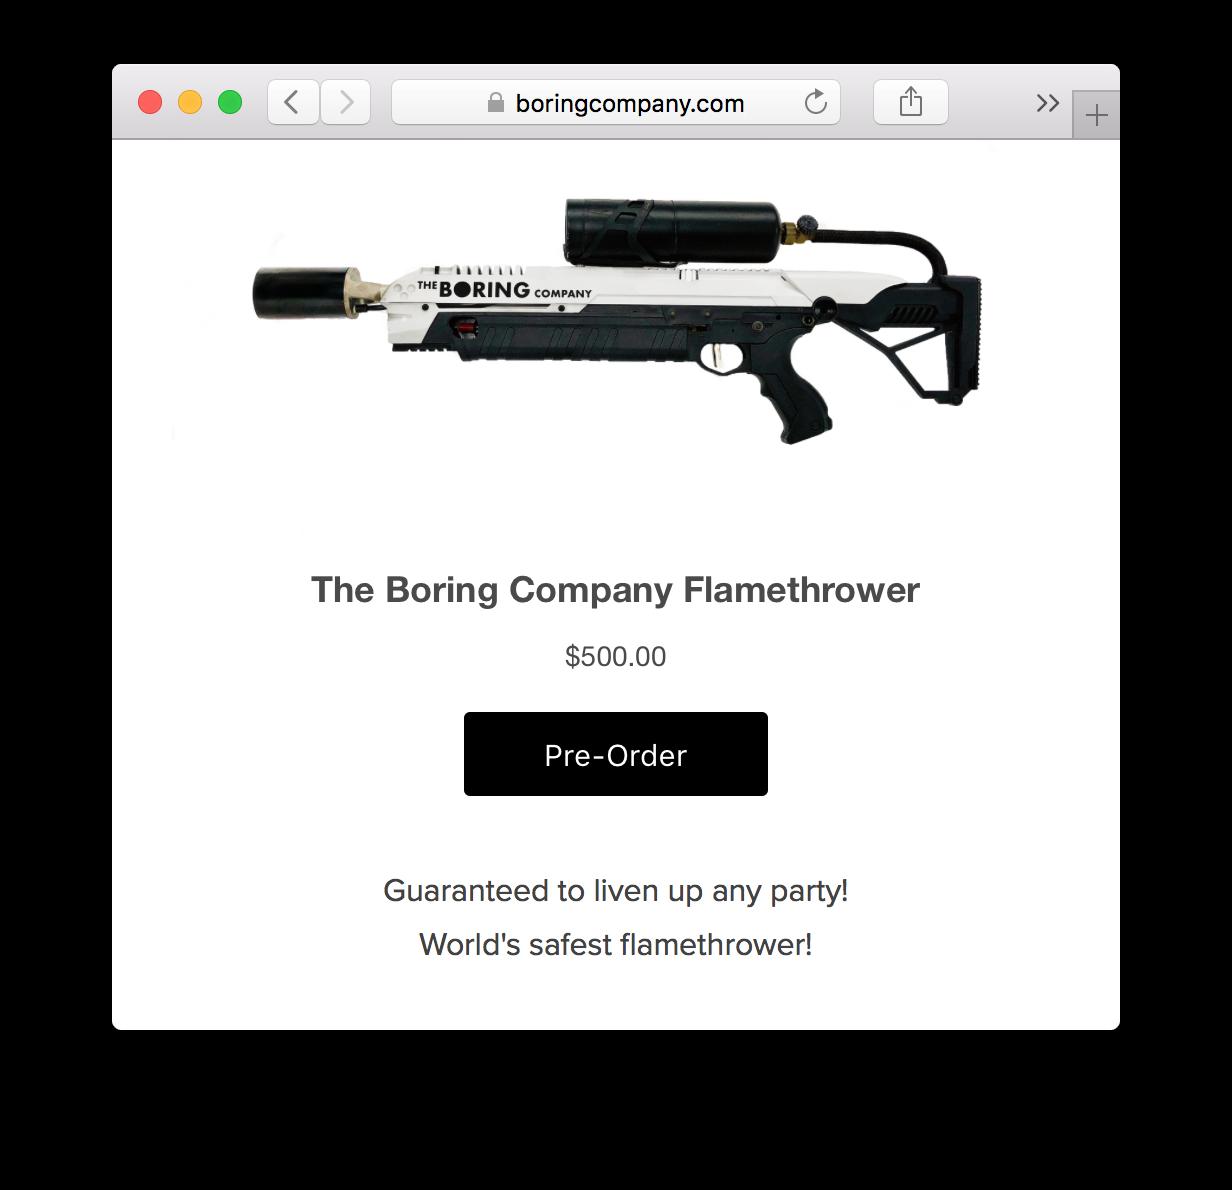 Илон Маск начал продавать огнеметы